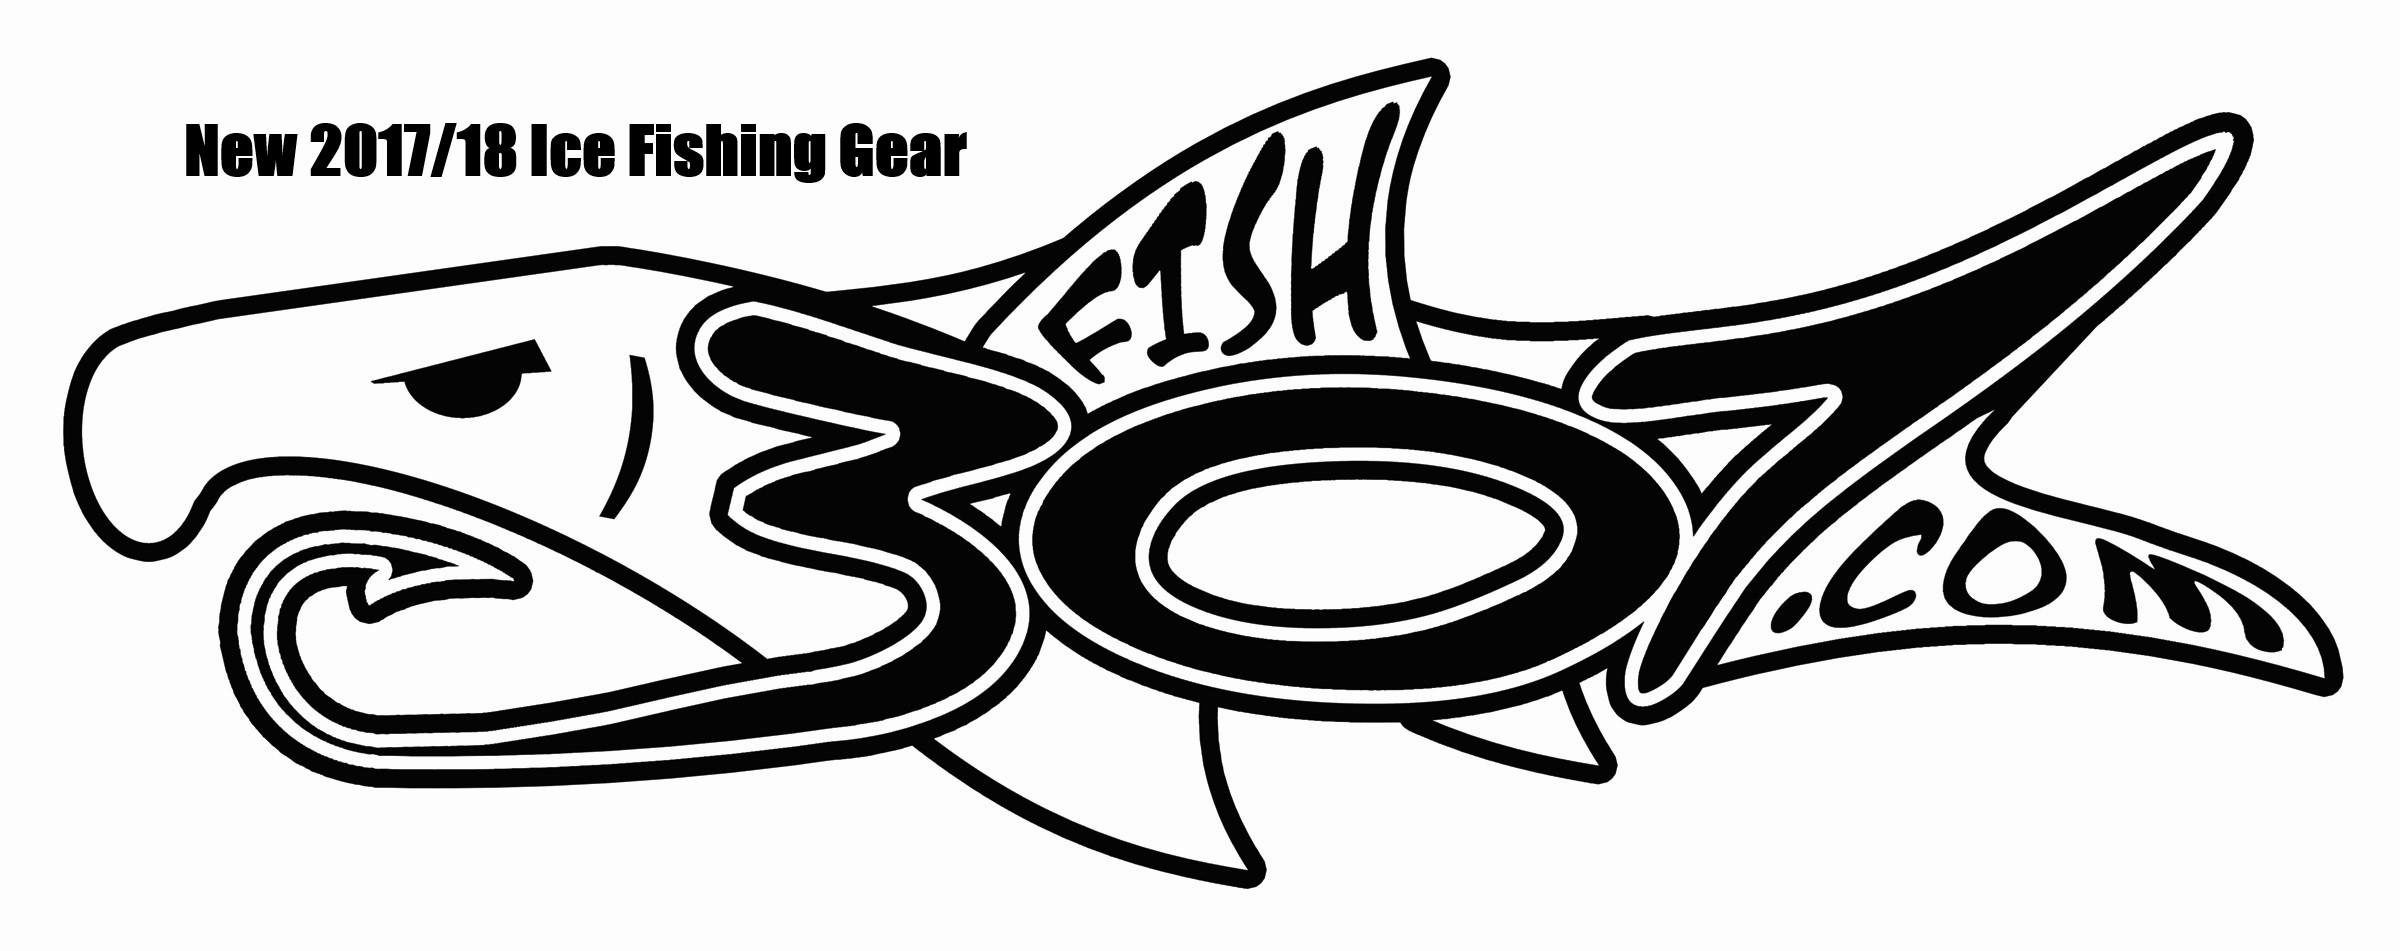 FISH307 Fishing Tackle Trolling Motor Downrigger Parts